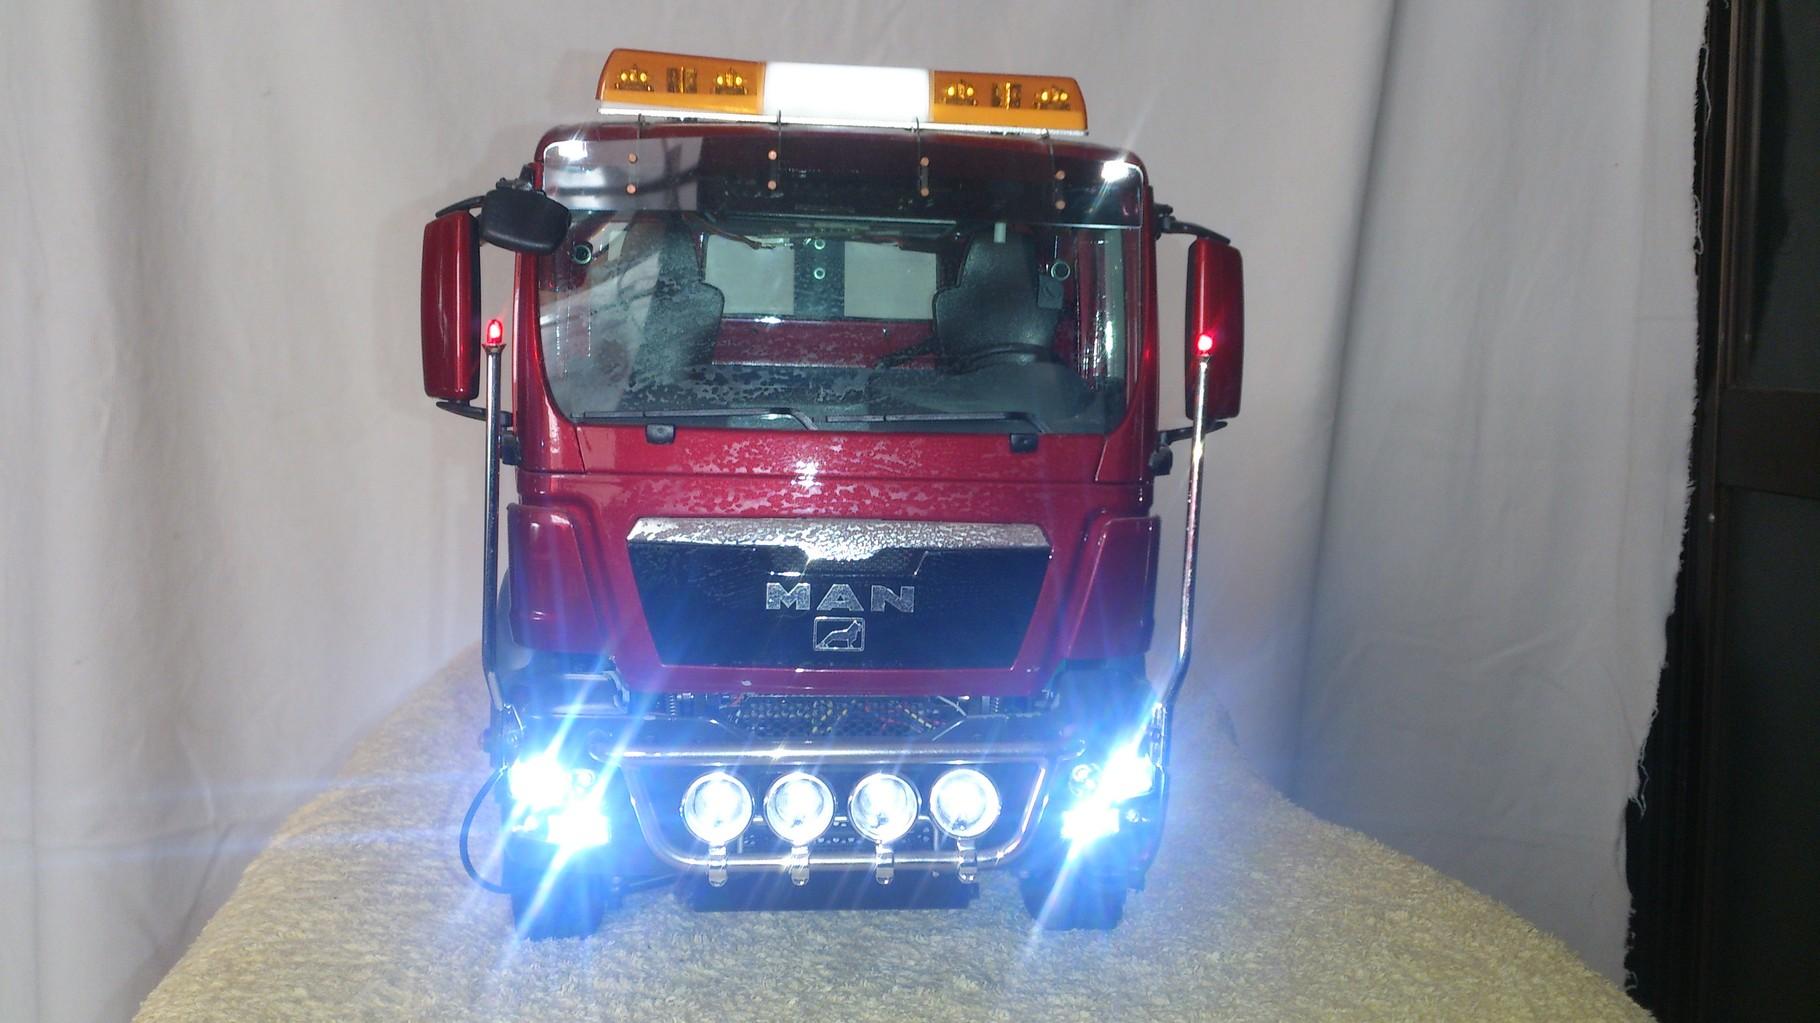 ScaleART MAN TGS アームロールトラック8x8_ロービーム、ハイビームとフォグライト点灯